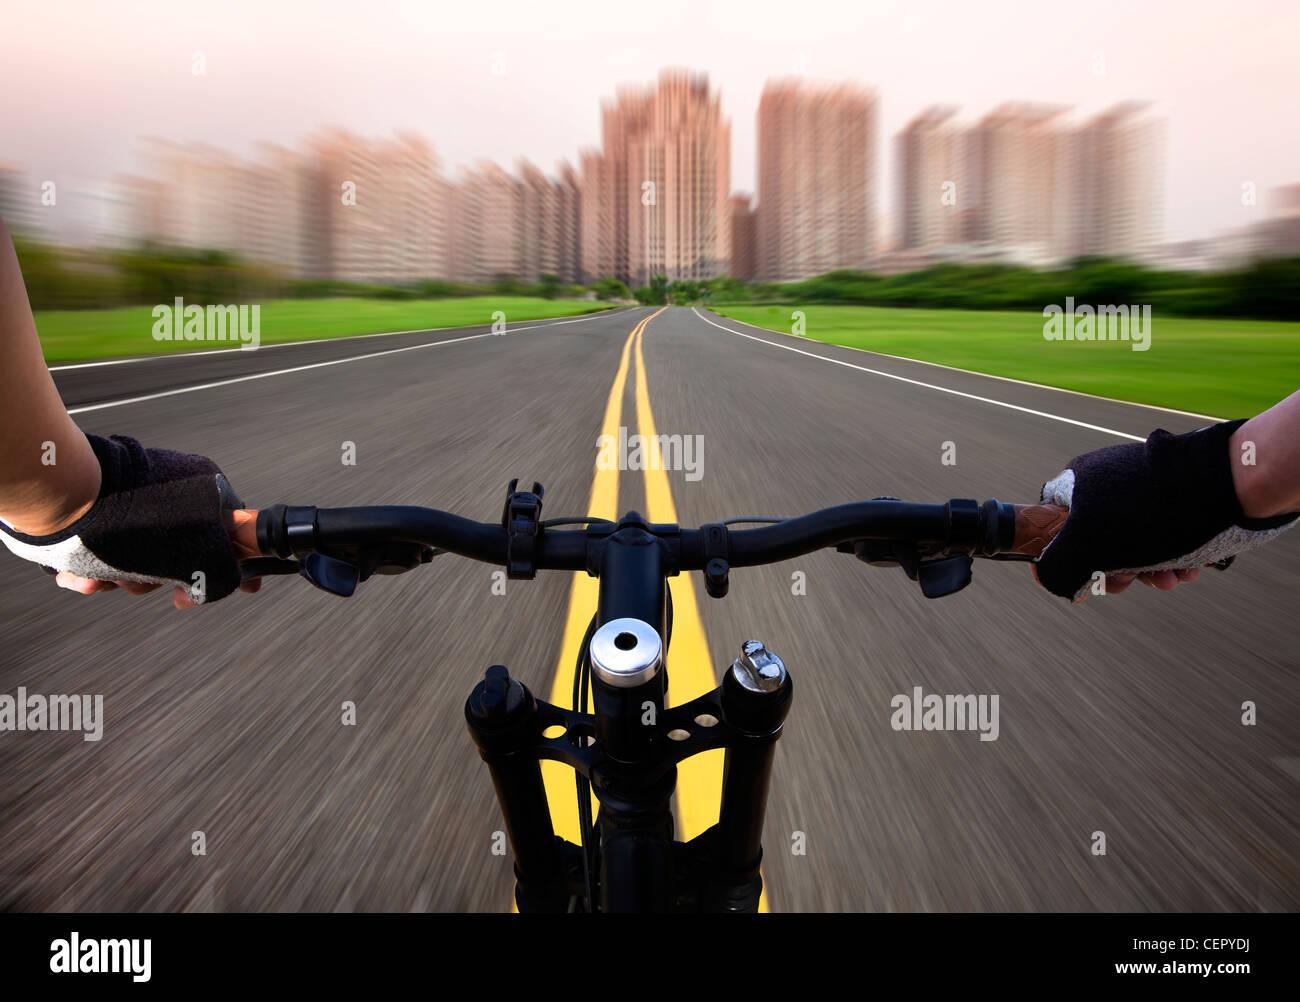 Fahrrad-Fahrer-high-Speed und Reiten in die Stadt auf der Straße Stockbild